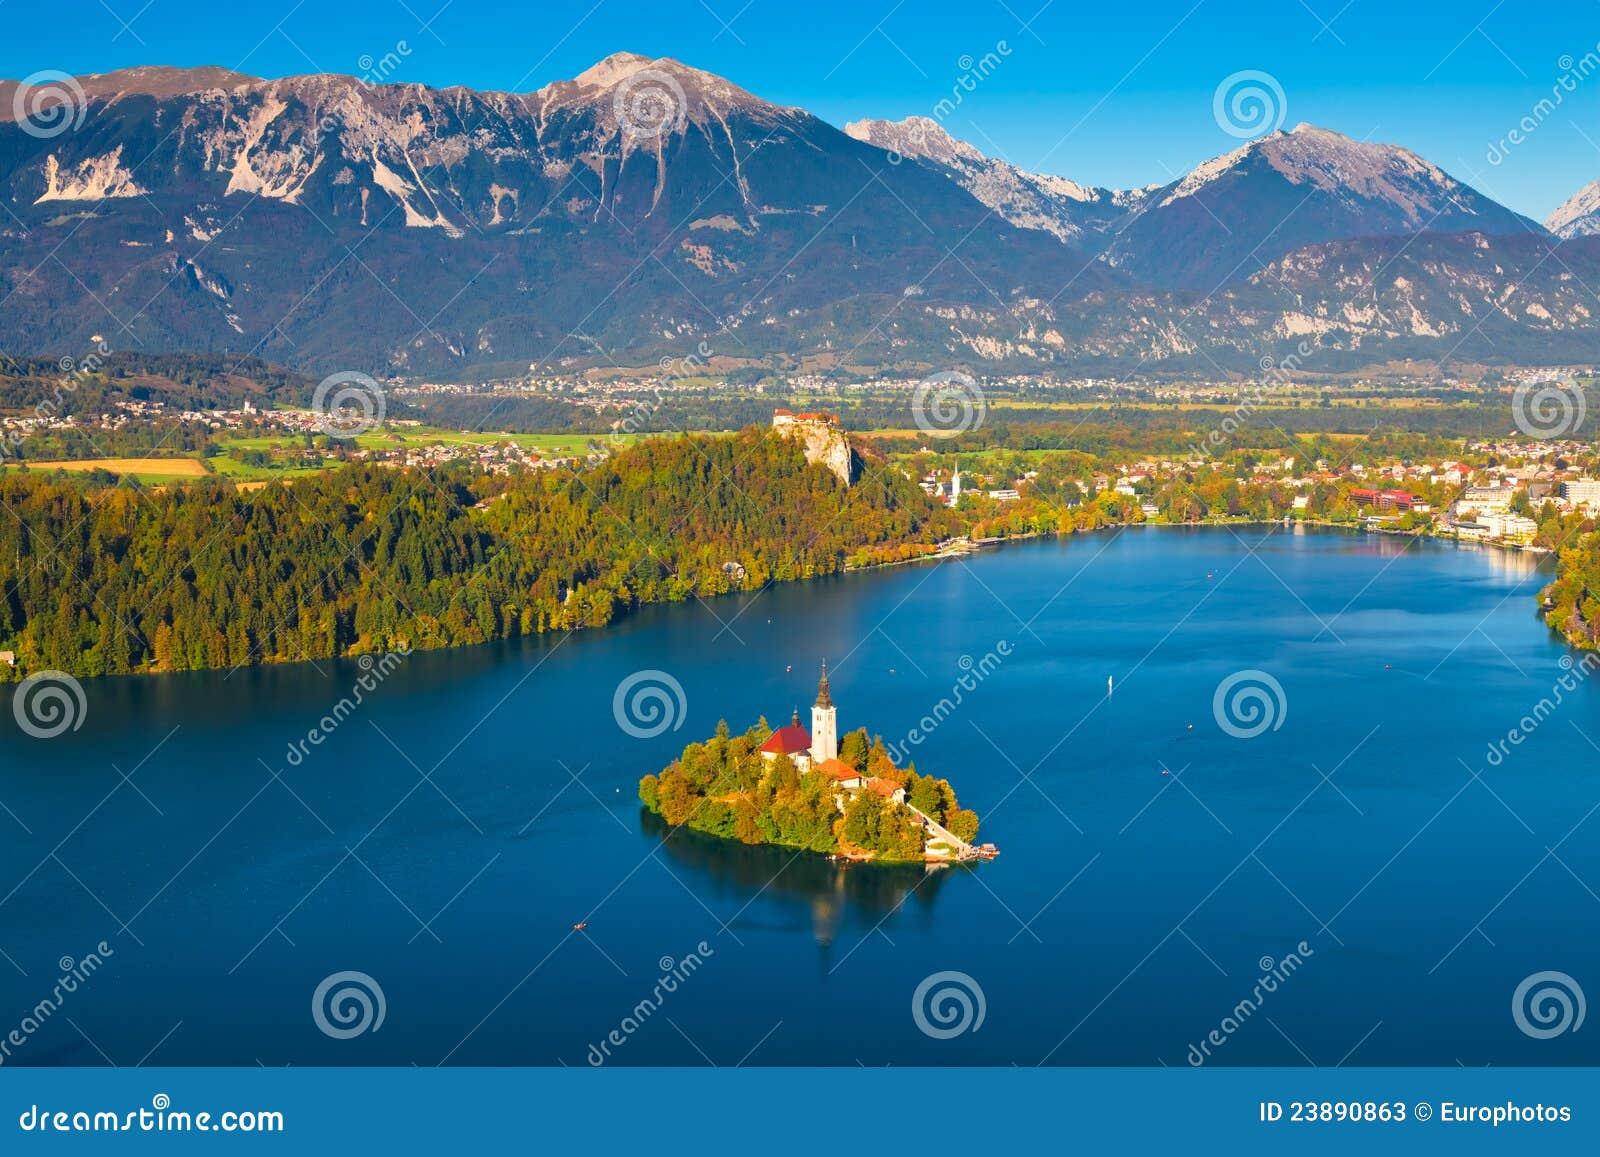 See verlaufen, Slowenien